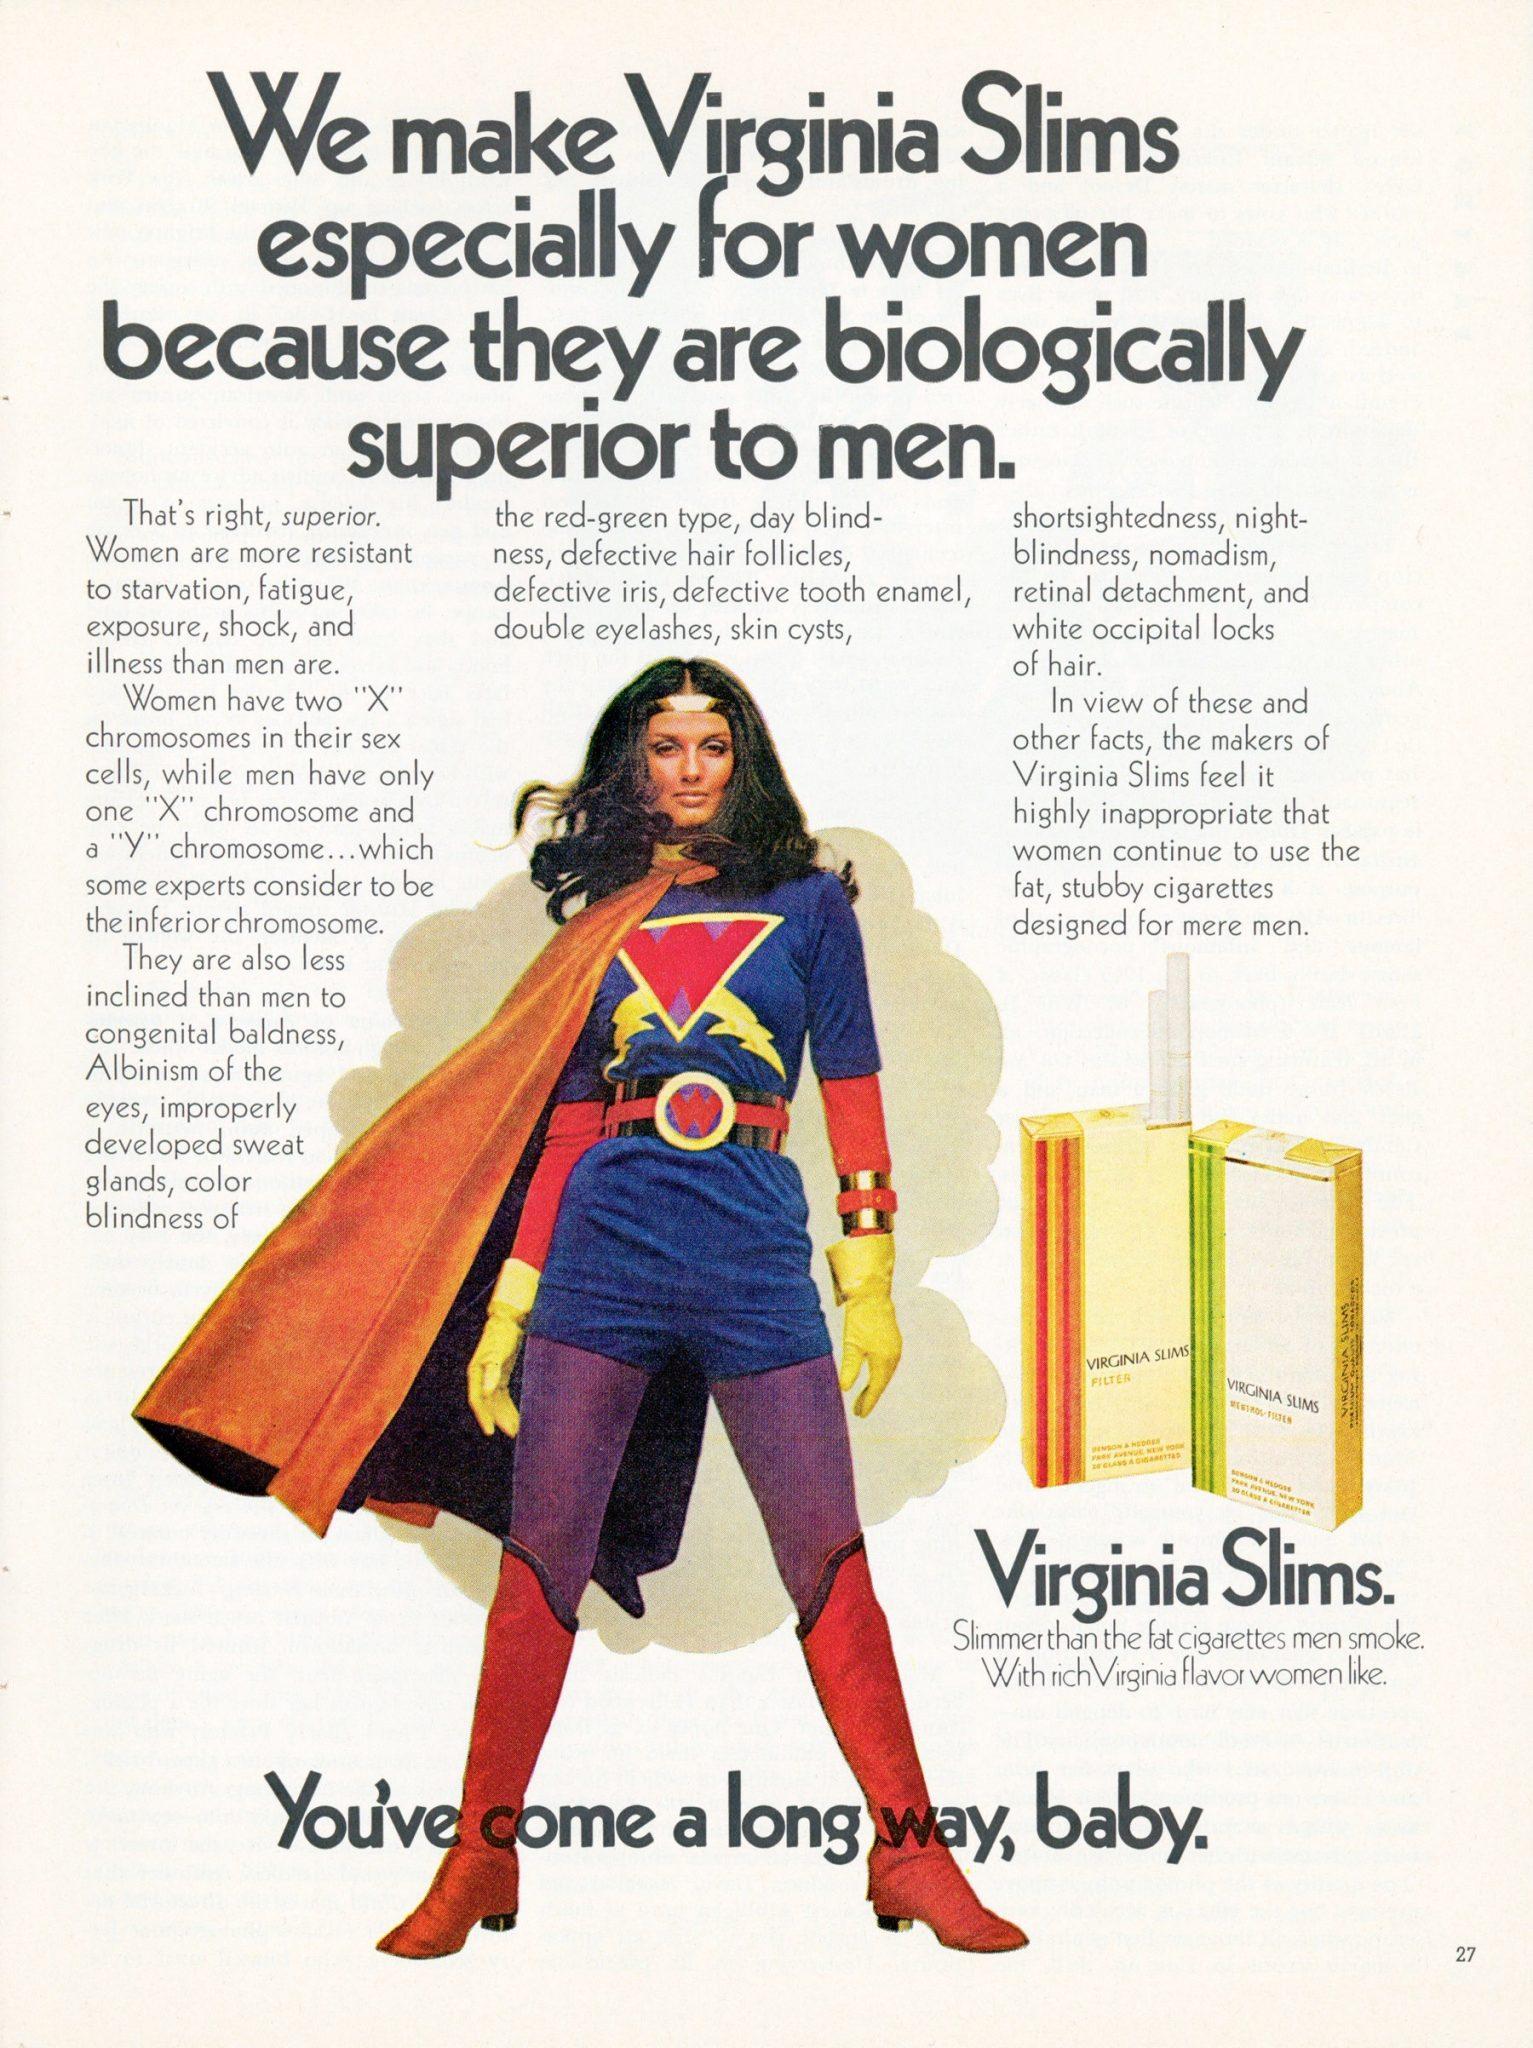 VA Slims ad